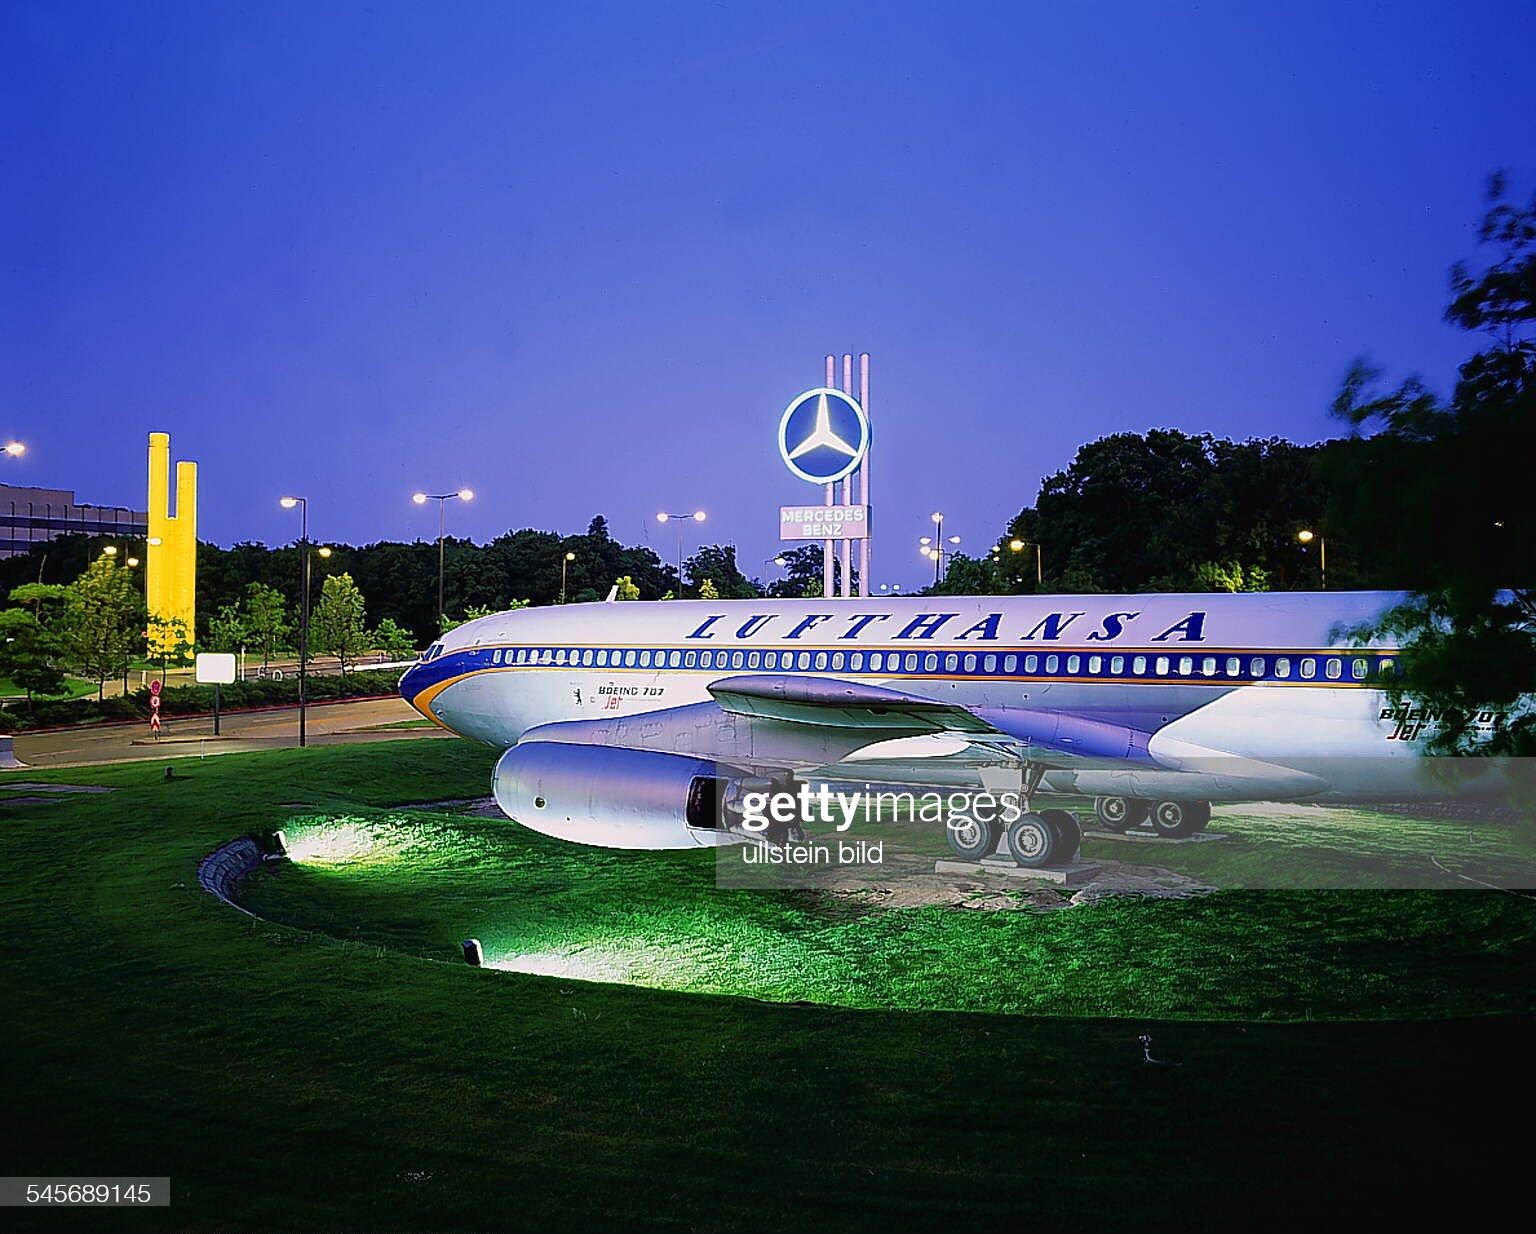 https://media.gettyimages.com/photos/jet-der-lufthansa-auf-dem-flughafengelnde-1993-picture-id545689145?s=2048x2048